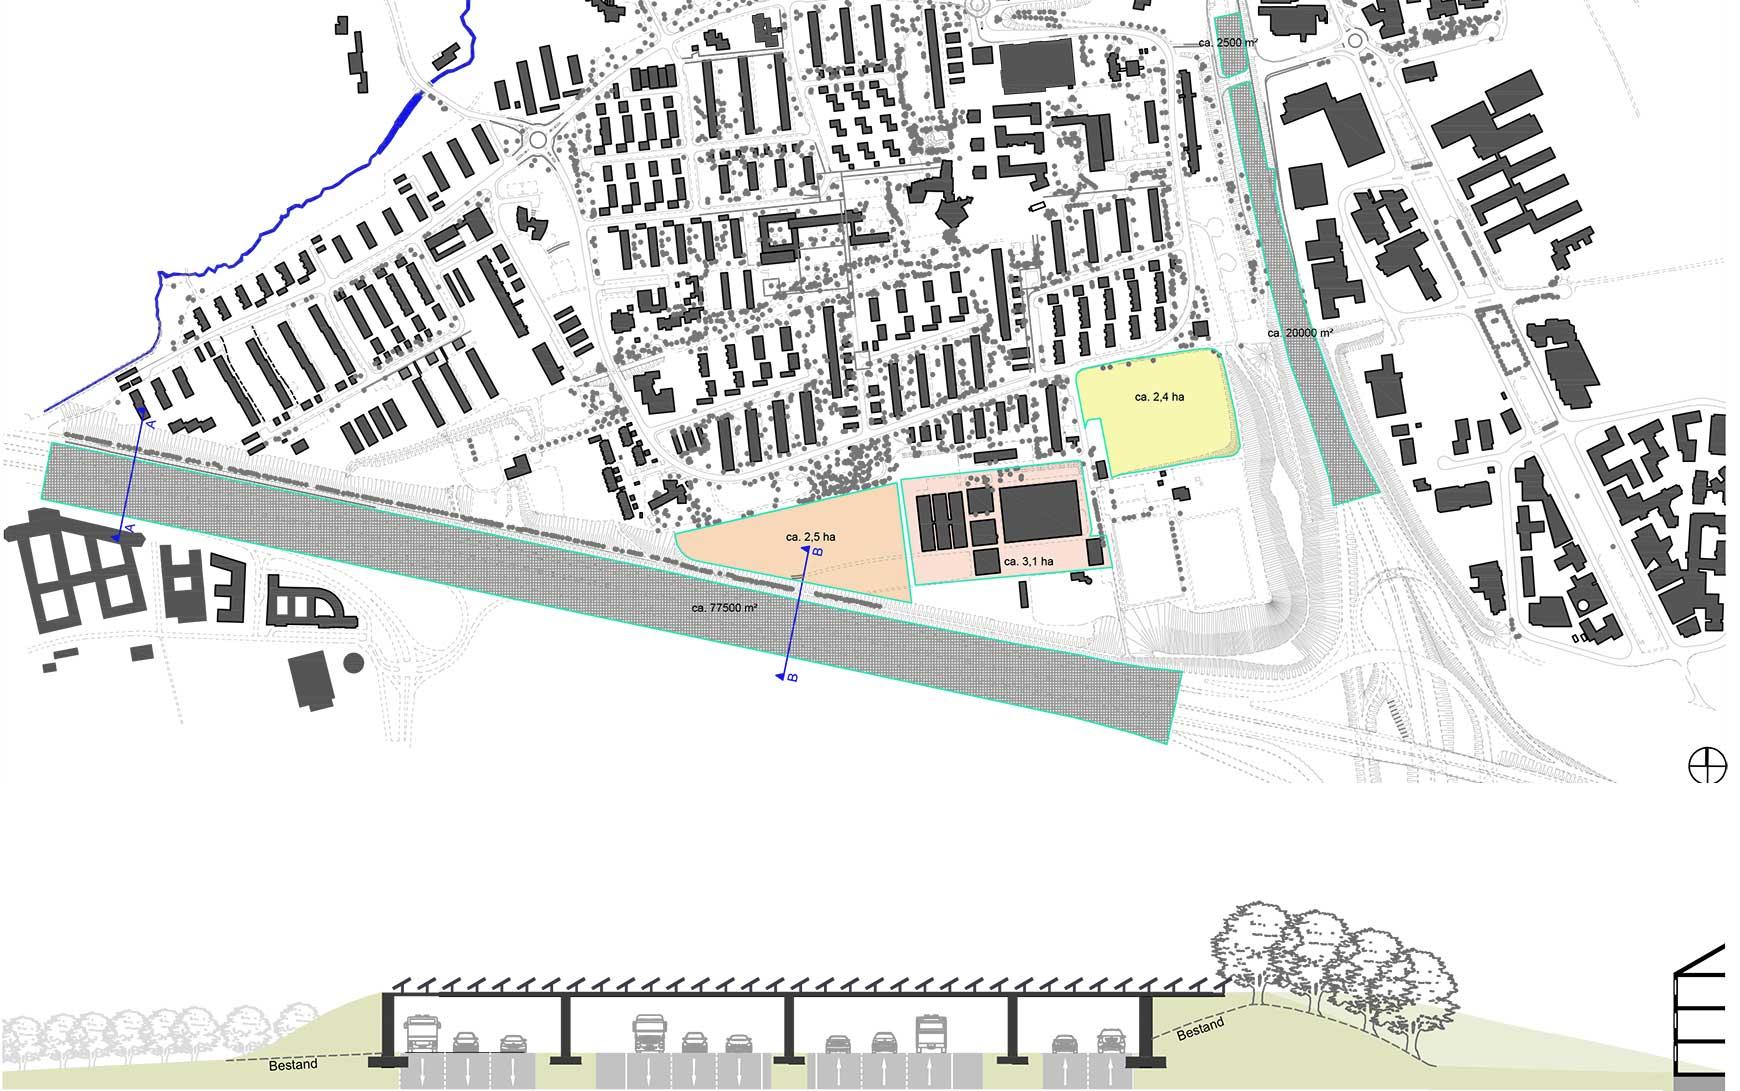 INNOVATIONEN Ein Energiedach über der Autobahn A8 verschafft einem ganzen Stadtteil Ruhe, ermöglicht neue Bauflächen und versorgt diese mit der notwendigen Energie <br /><br />